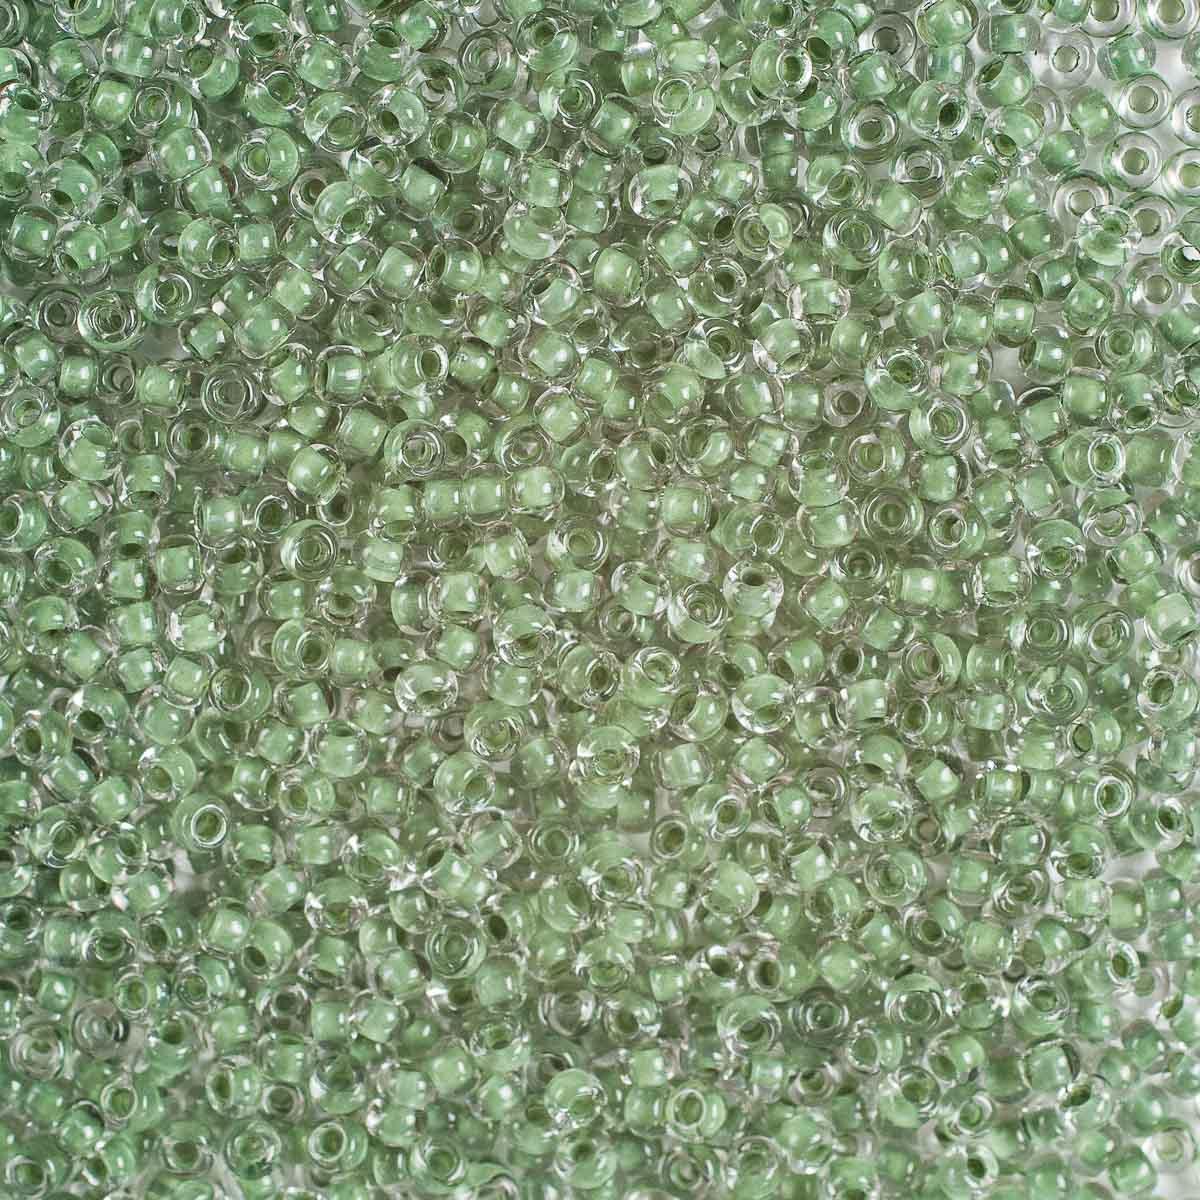 (38359) 331-19001-10/0 Бисер прозрачный с цветным центром 10/0, круг.отв., 20гр Preciosa